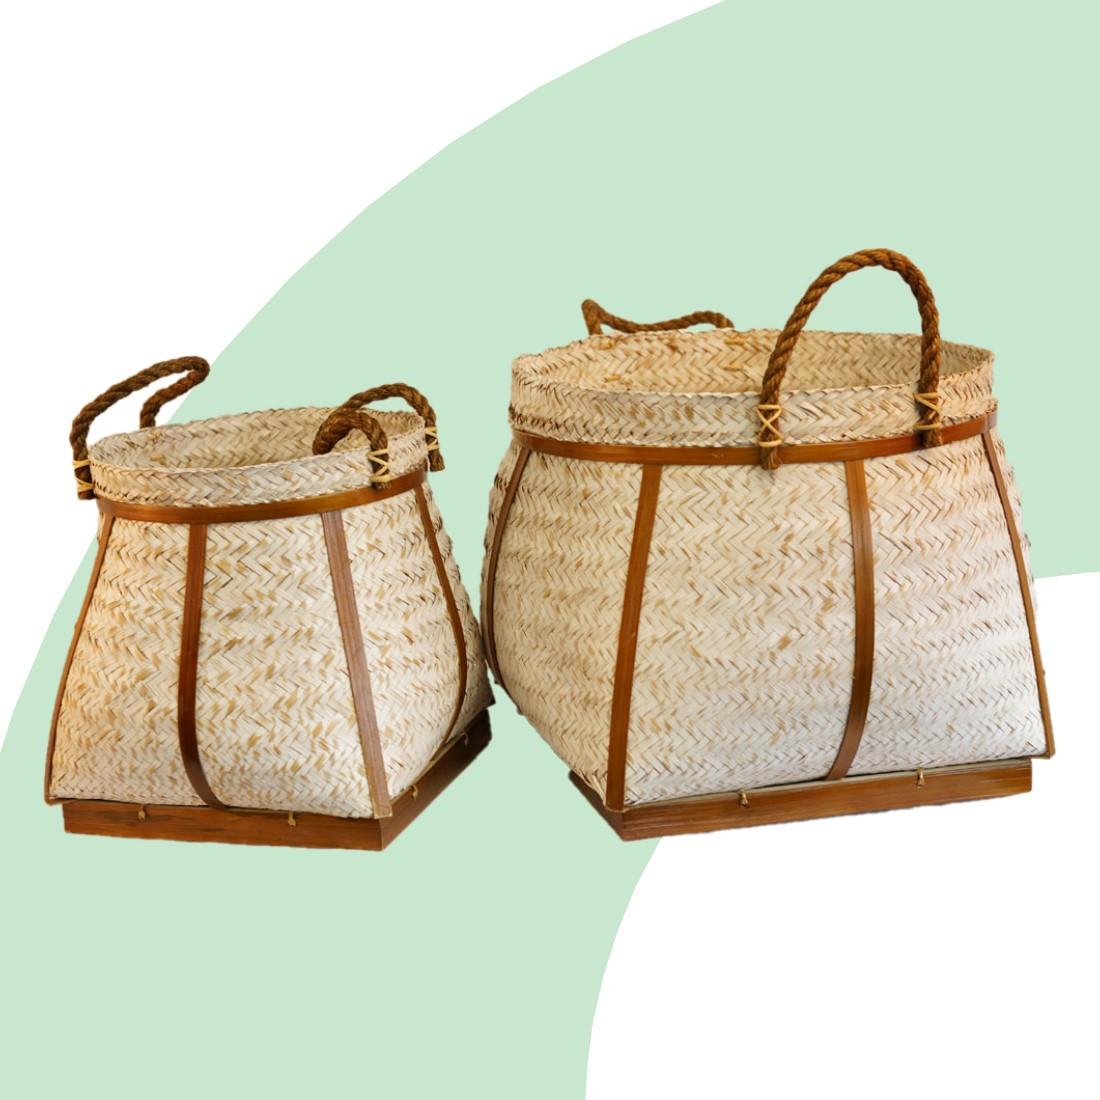 Mandenset Bali Bamboe Wit (set van 2)